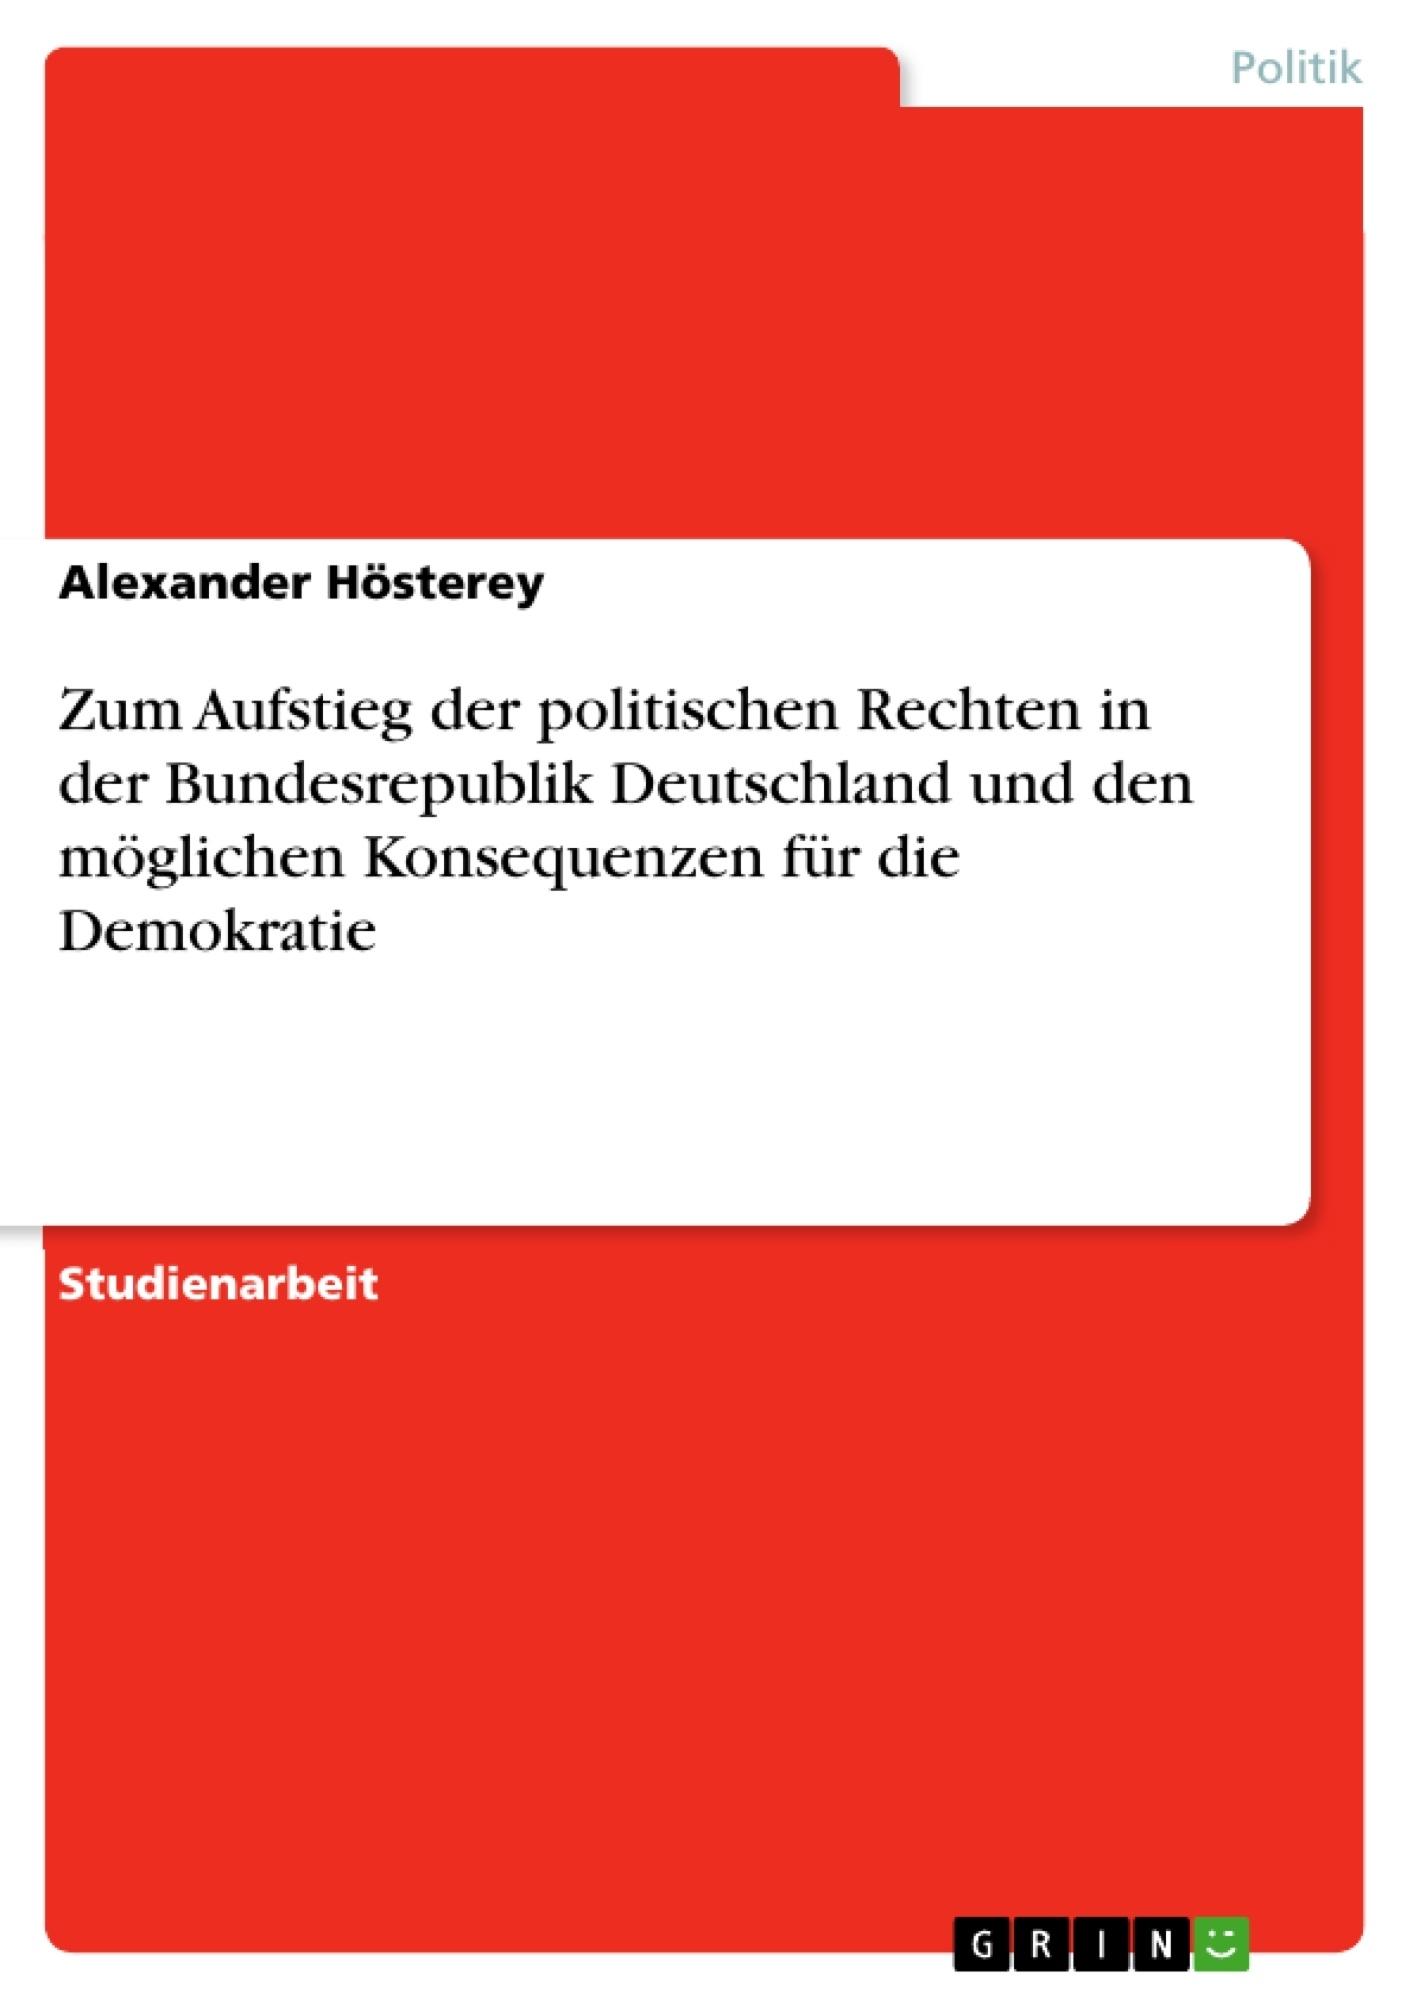 Titel: Zum Aufstieg der politischen Rechten in der Bundesrepublik Deutschland und den möglichen Konsequenzen für die Demokratie